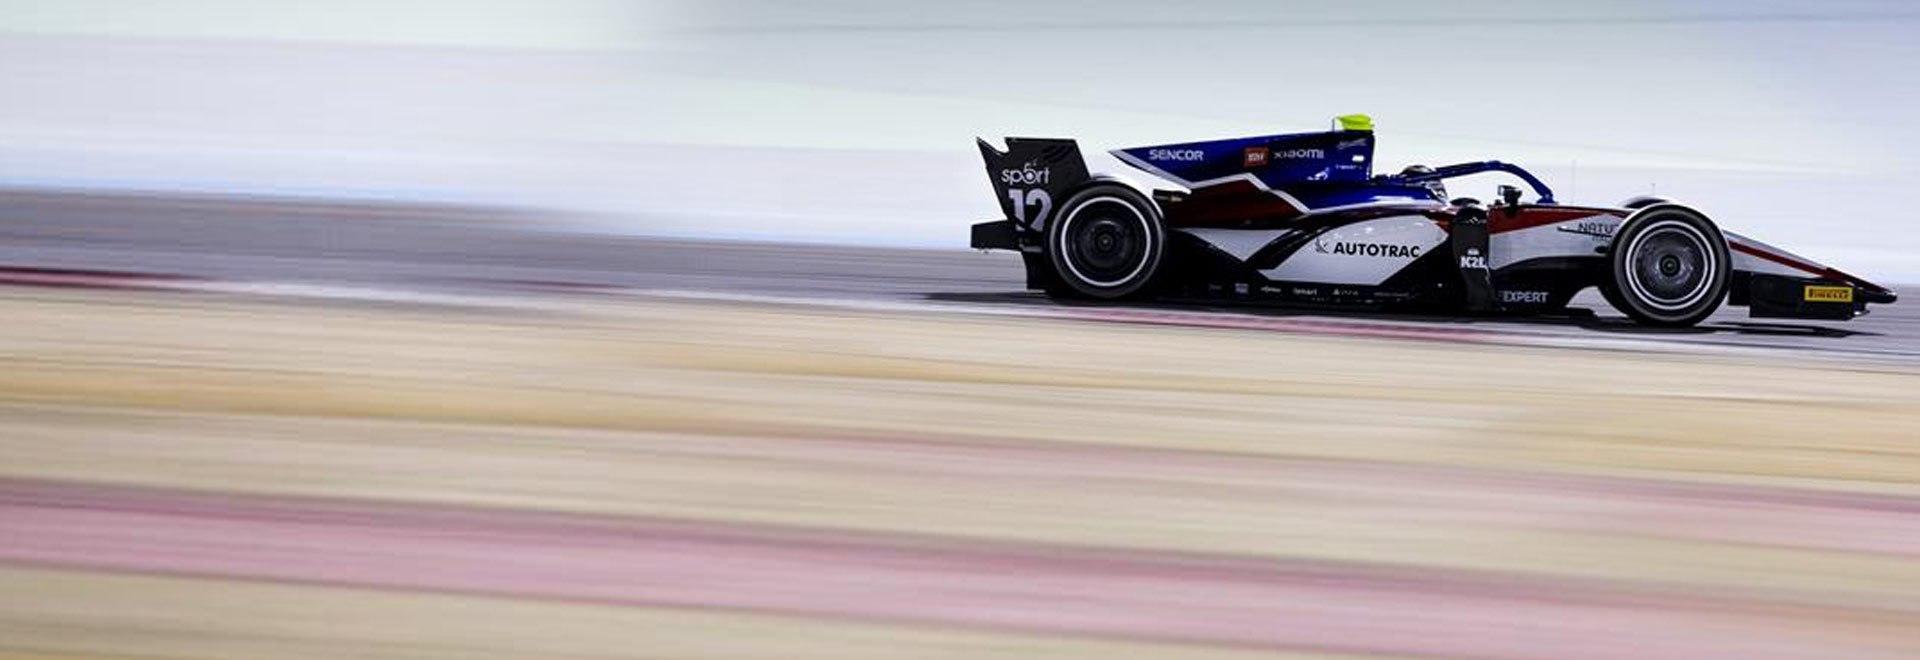 GP Toscana. Sprint Race